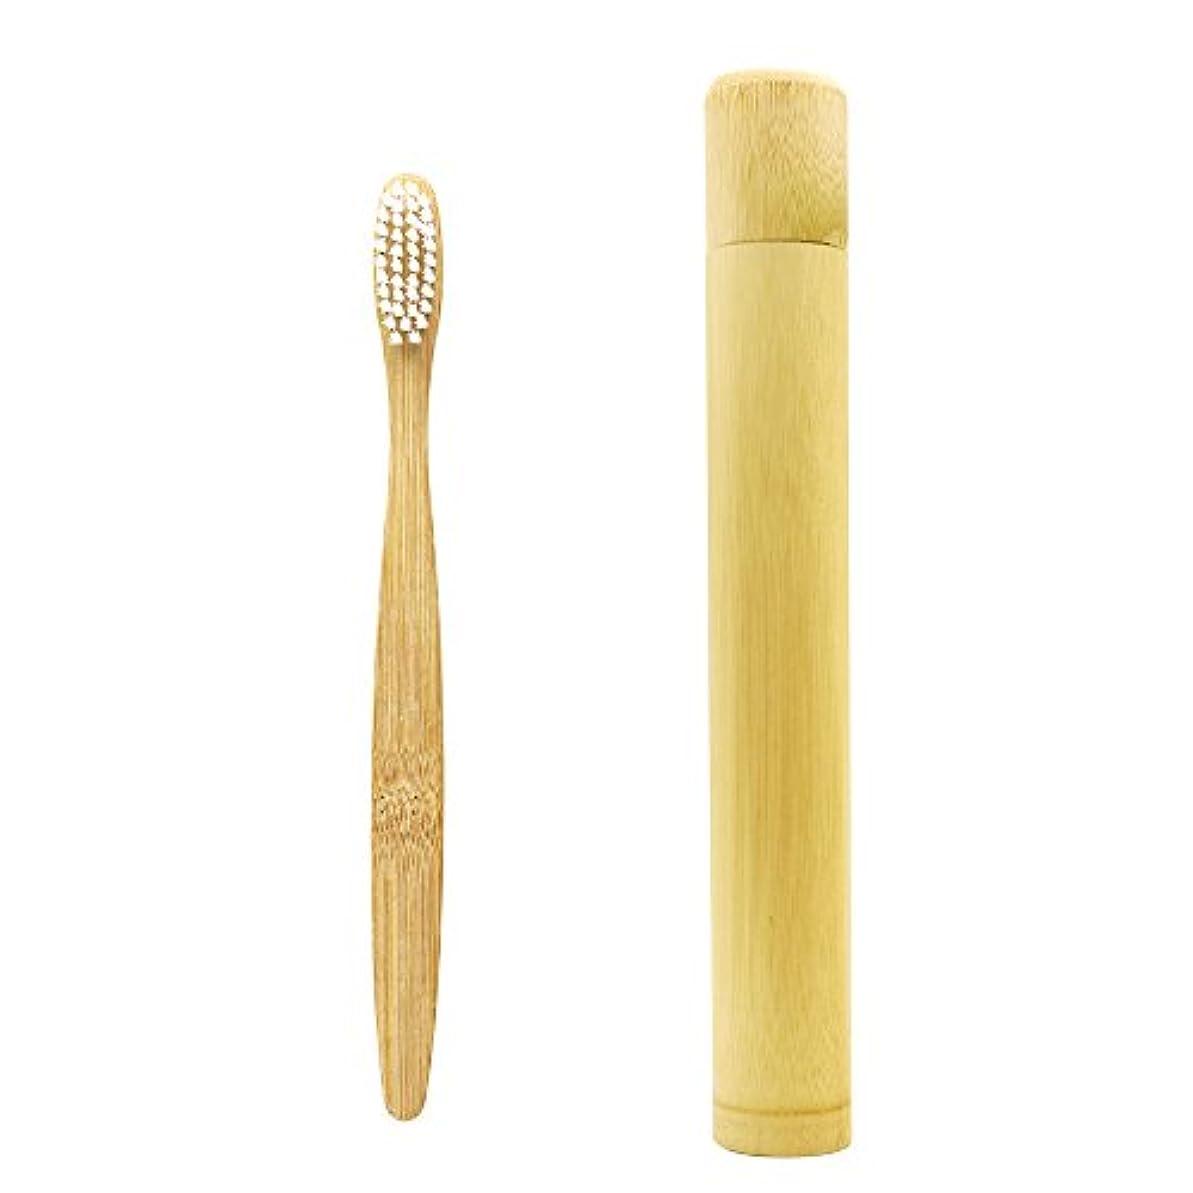 相続人包帯本質的ではないN-amboo 竹製耐久度高い 白い歯ブラシ 携帯用 ケース付き セット 軽量 携帯便利 出張旅行